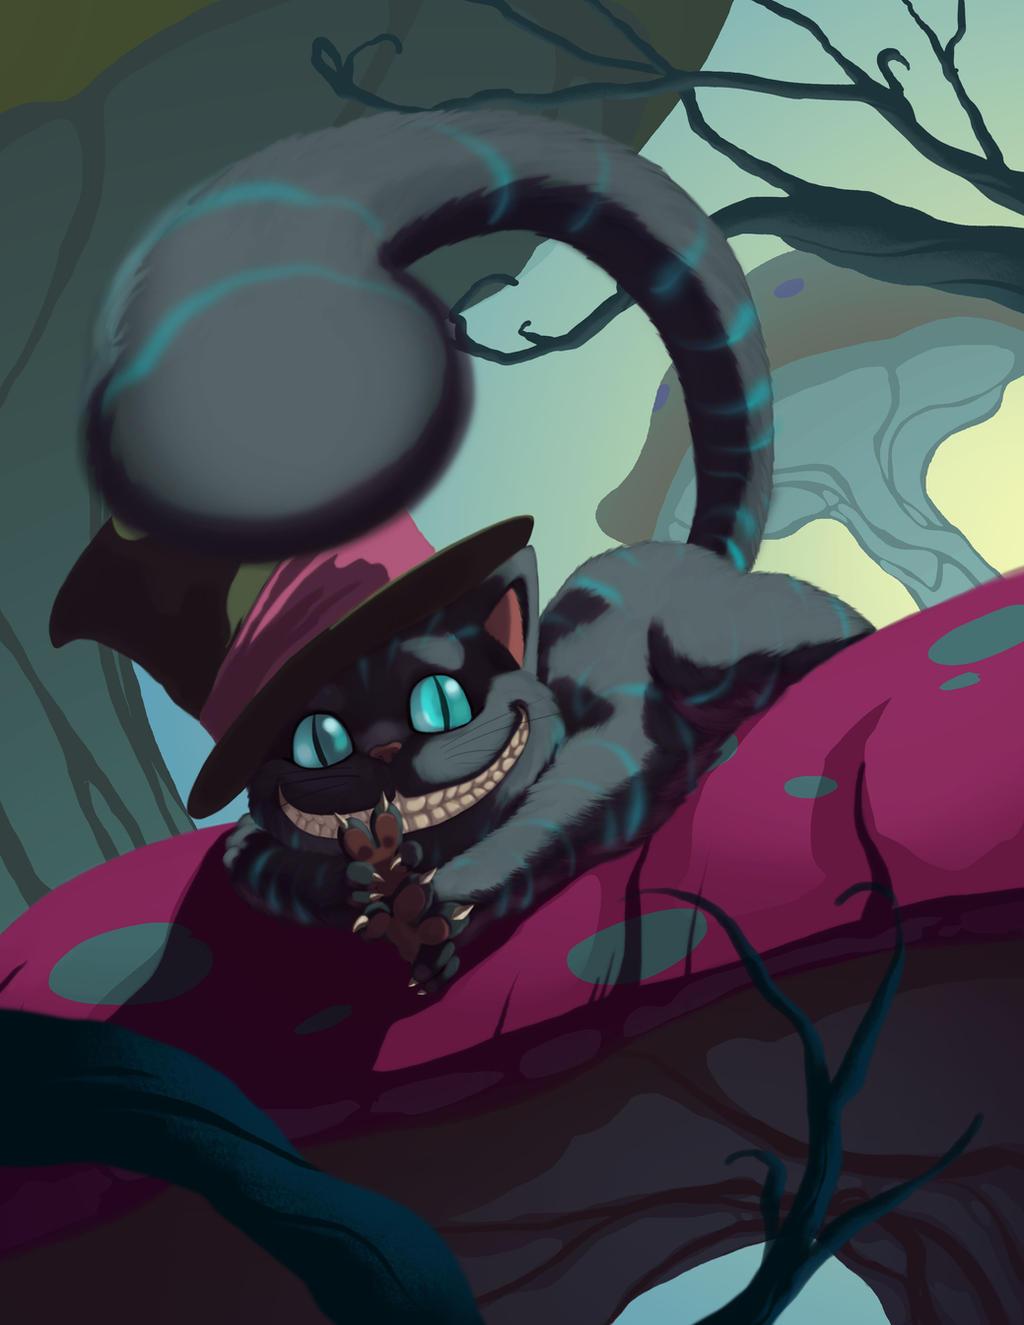 Cheshire Cat by HeribertoHernandez